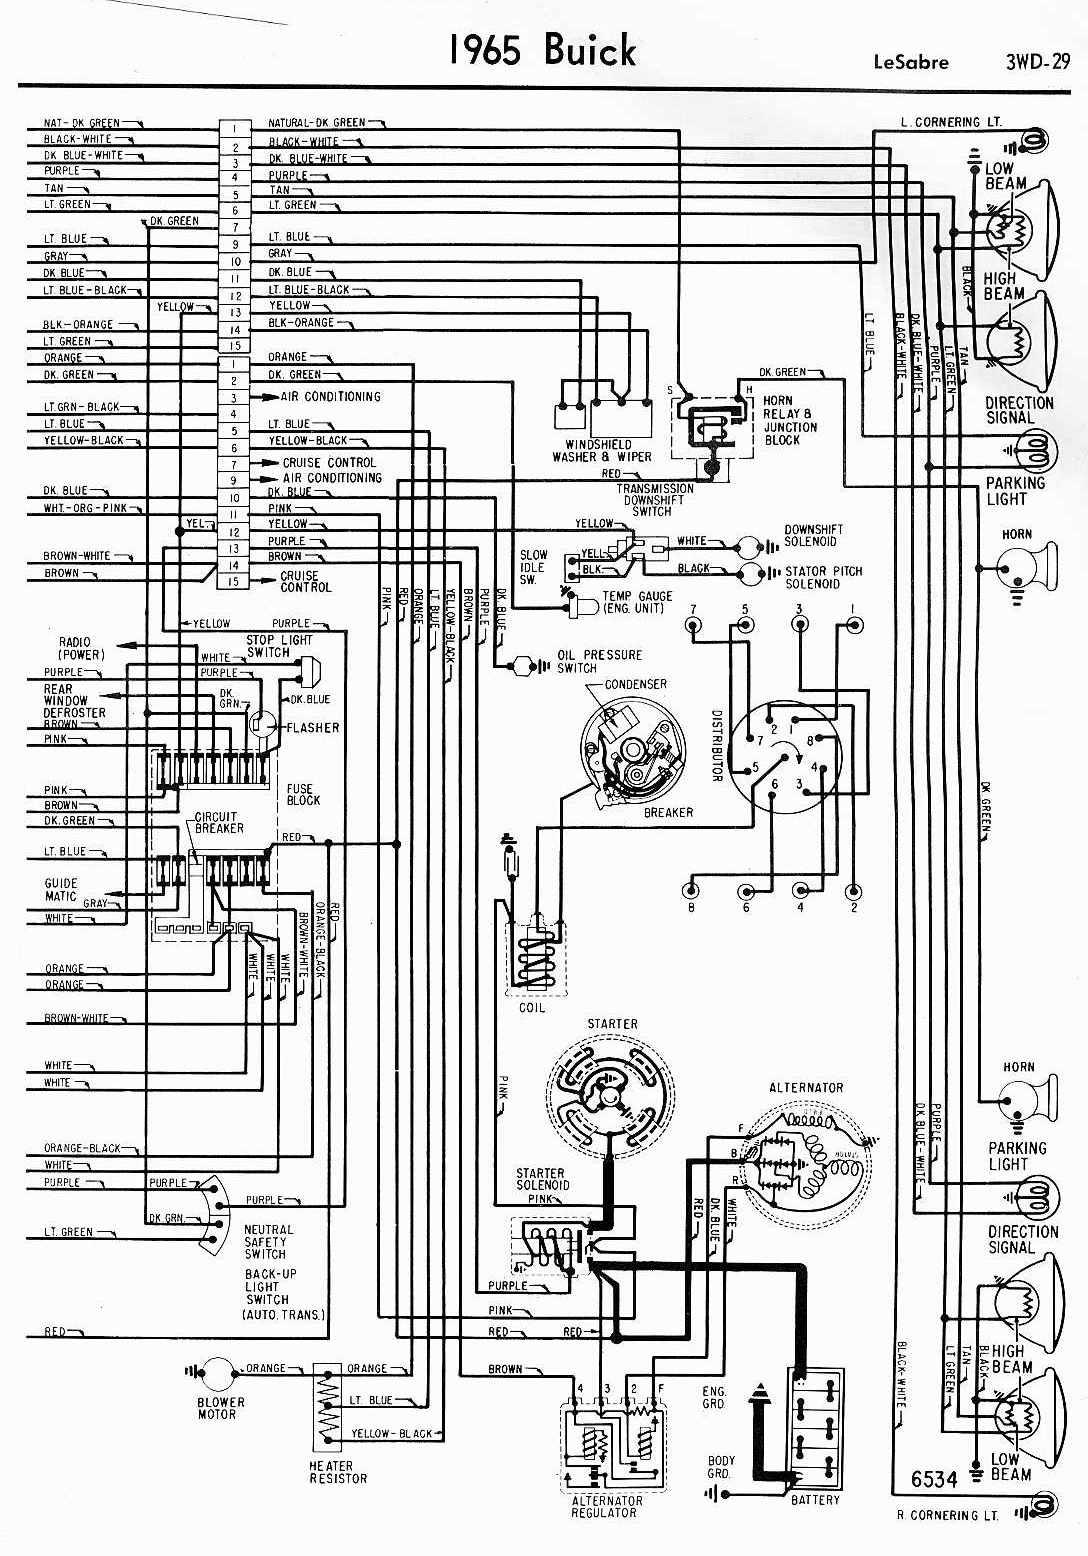 Jeep Cj7 Wiring Diagram Photo Album - Wiring diagram schematic